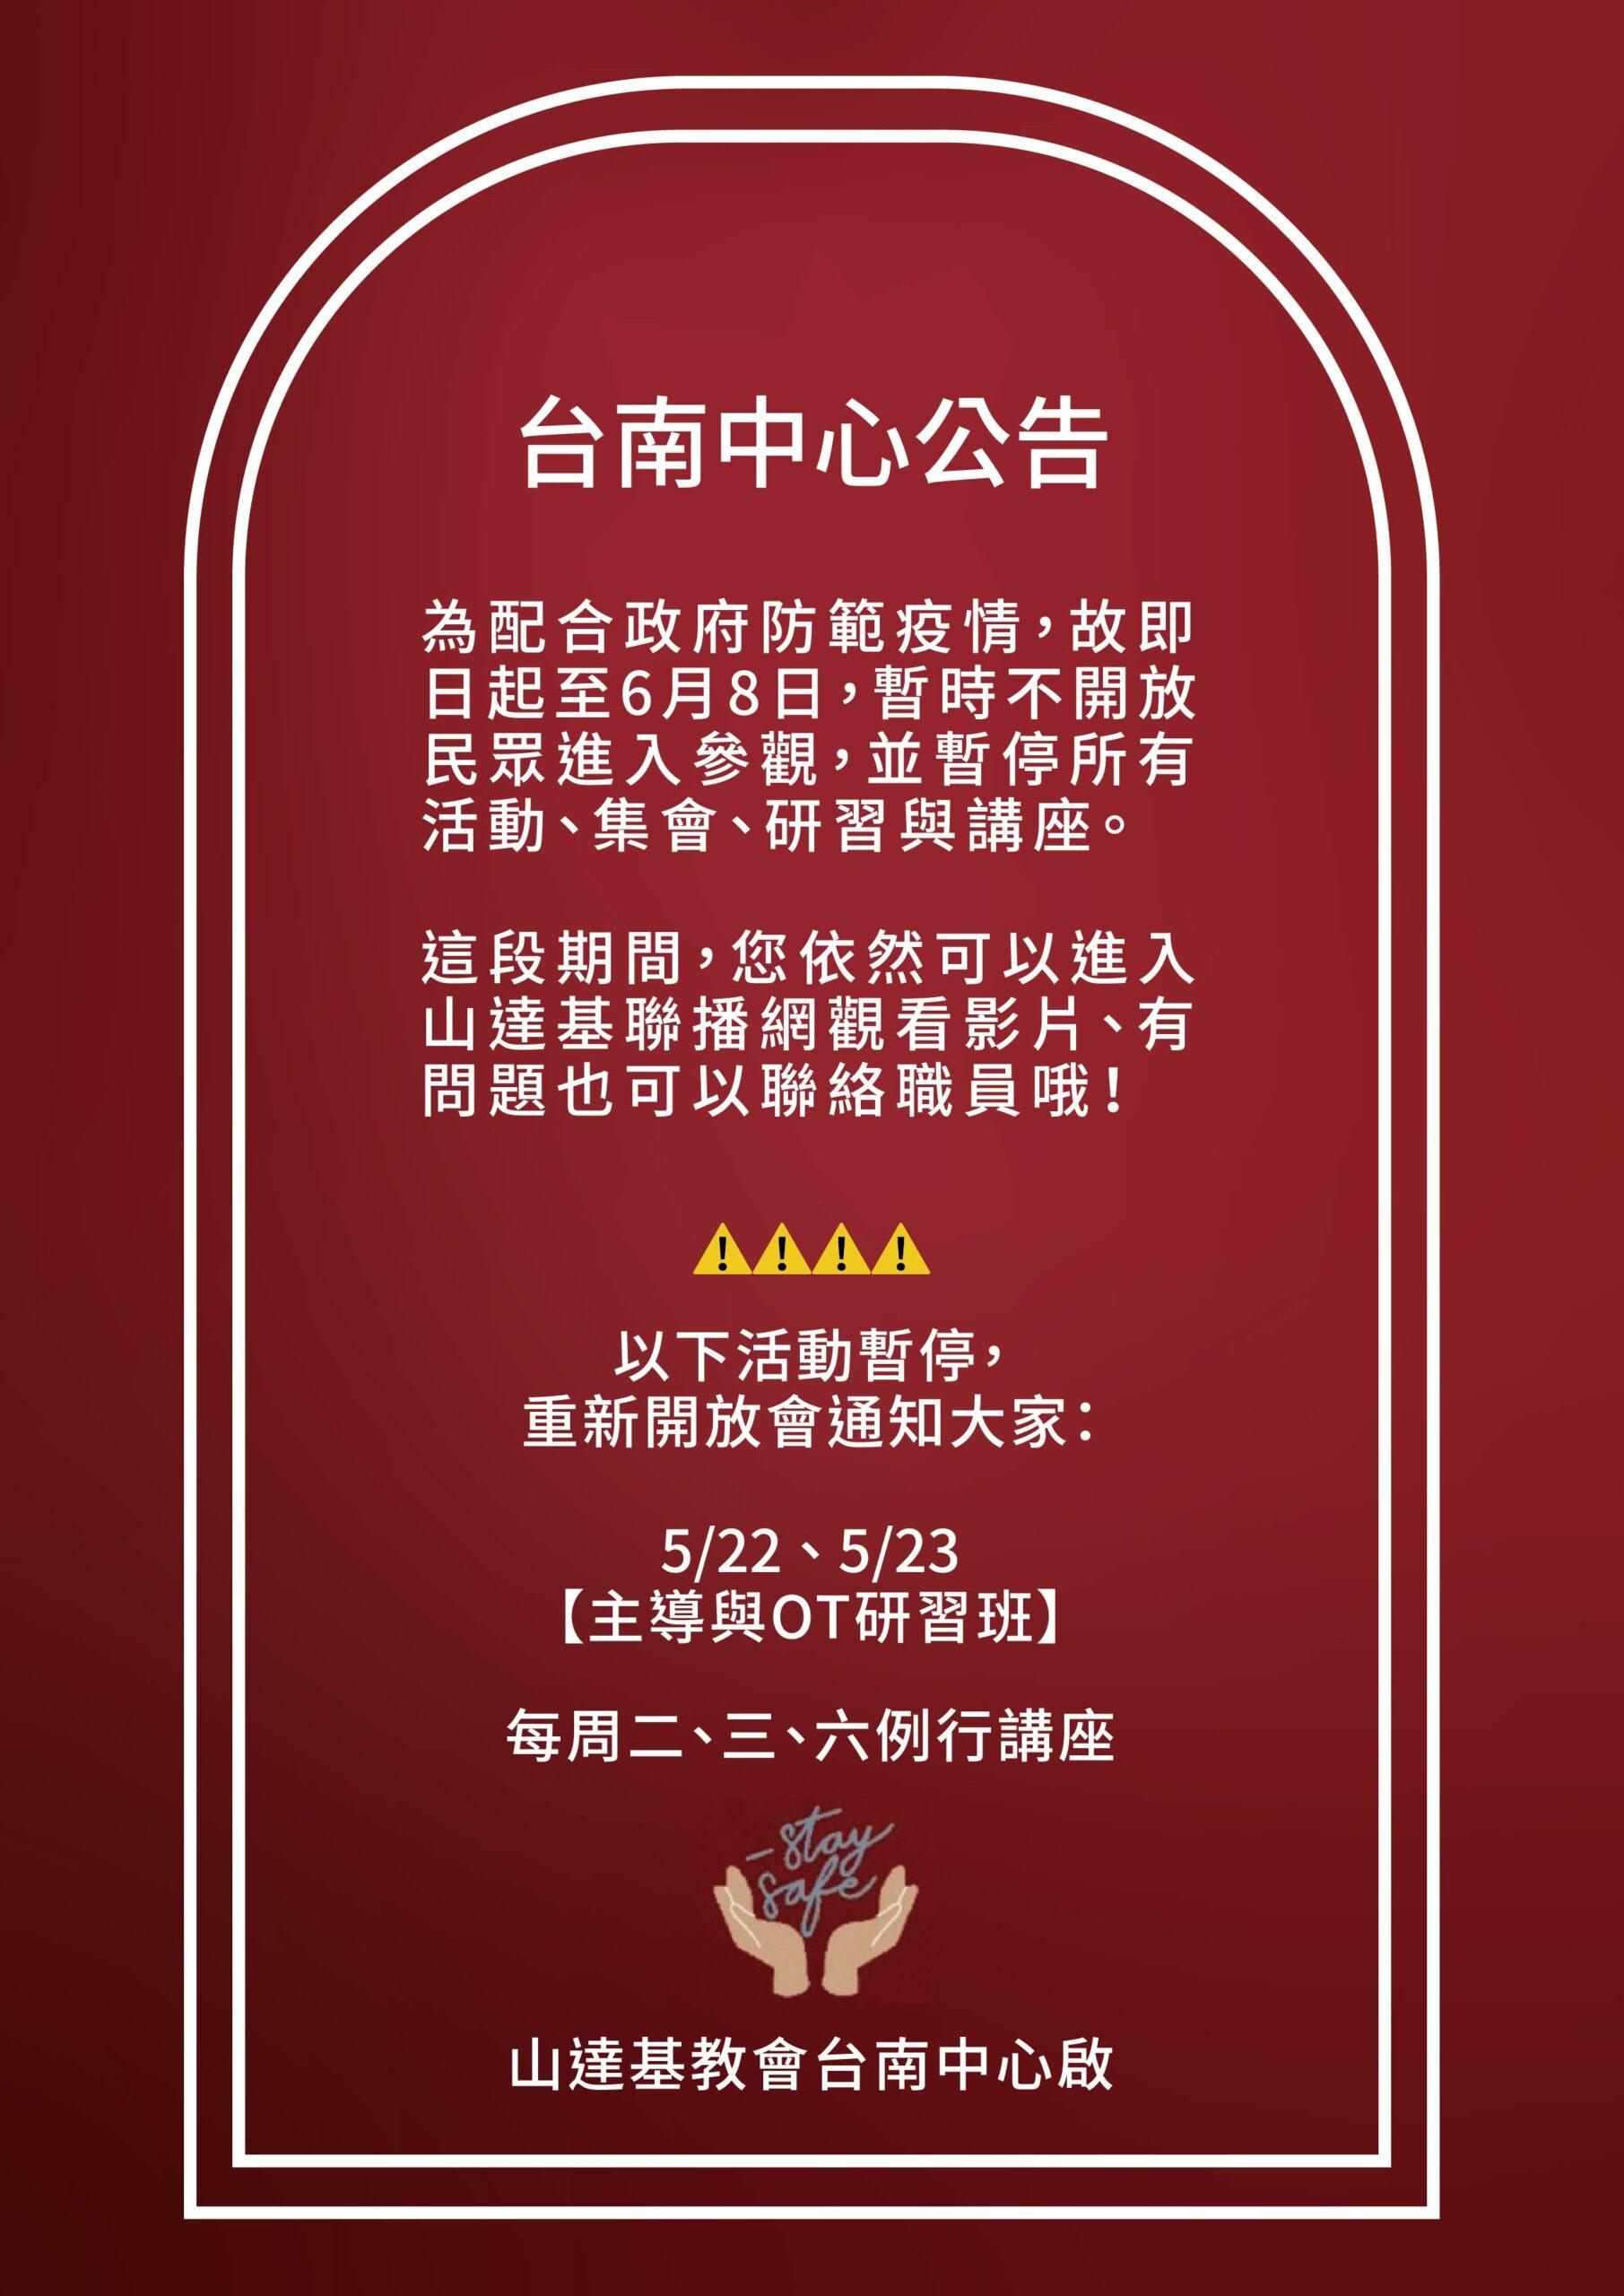 台南中心防疫公告